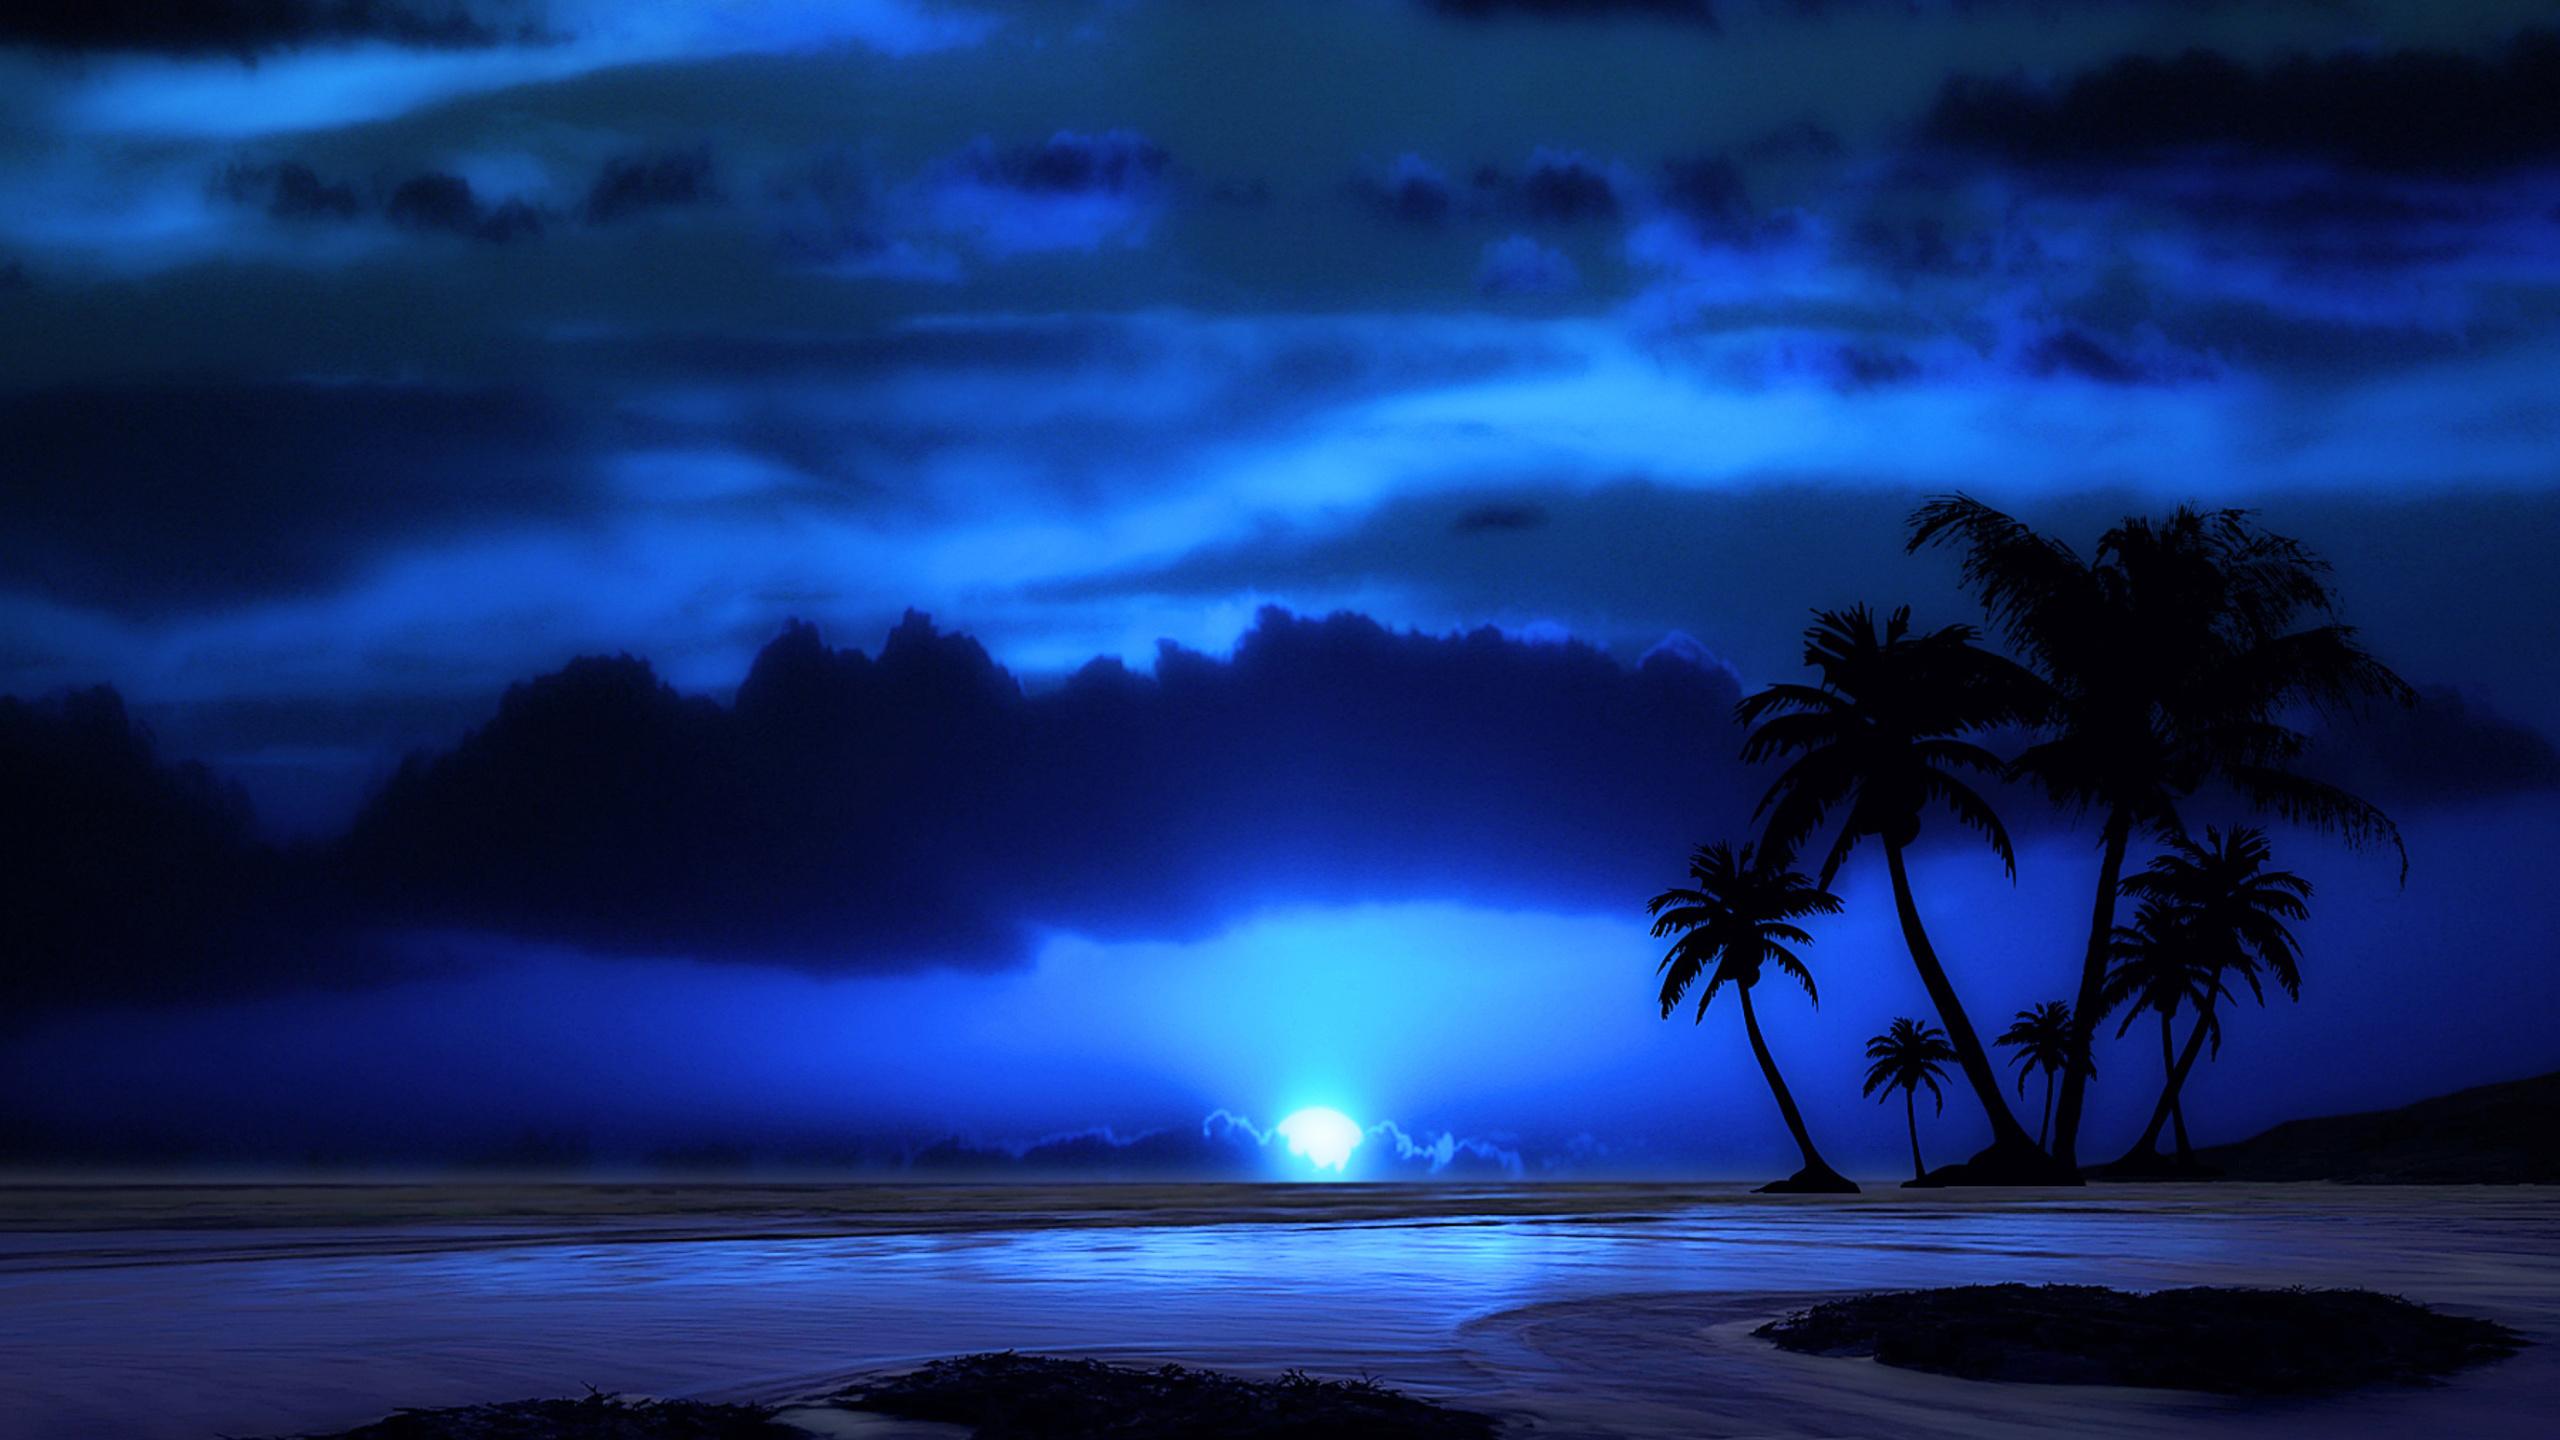 природа, пейзаж, тропики, тропический, пальма, пальмы, вода, море, морской, океан, океанский, берег, побережье, луна, лунный, остров, скала, скалы, небо, небесный, свет